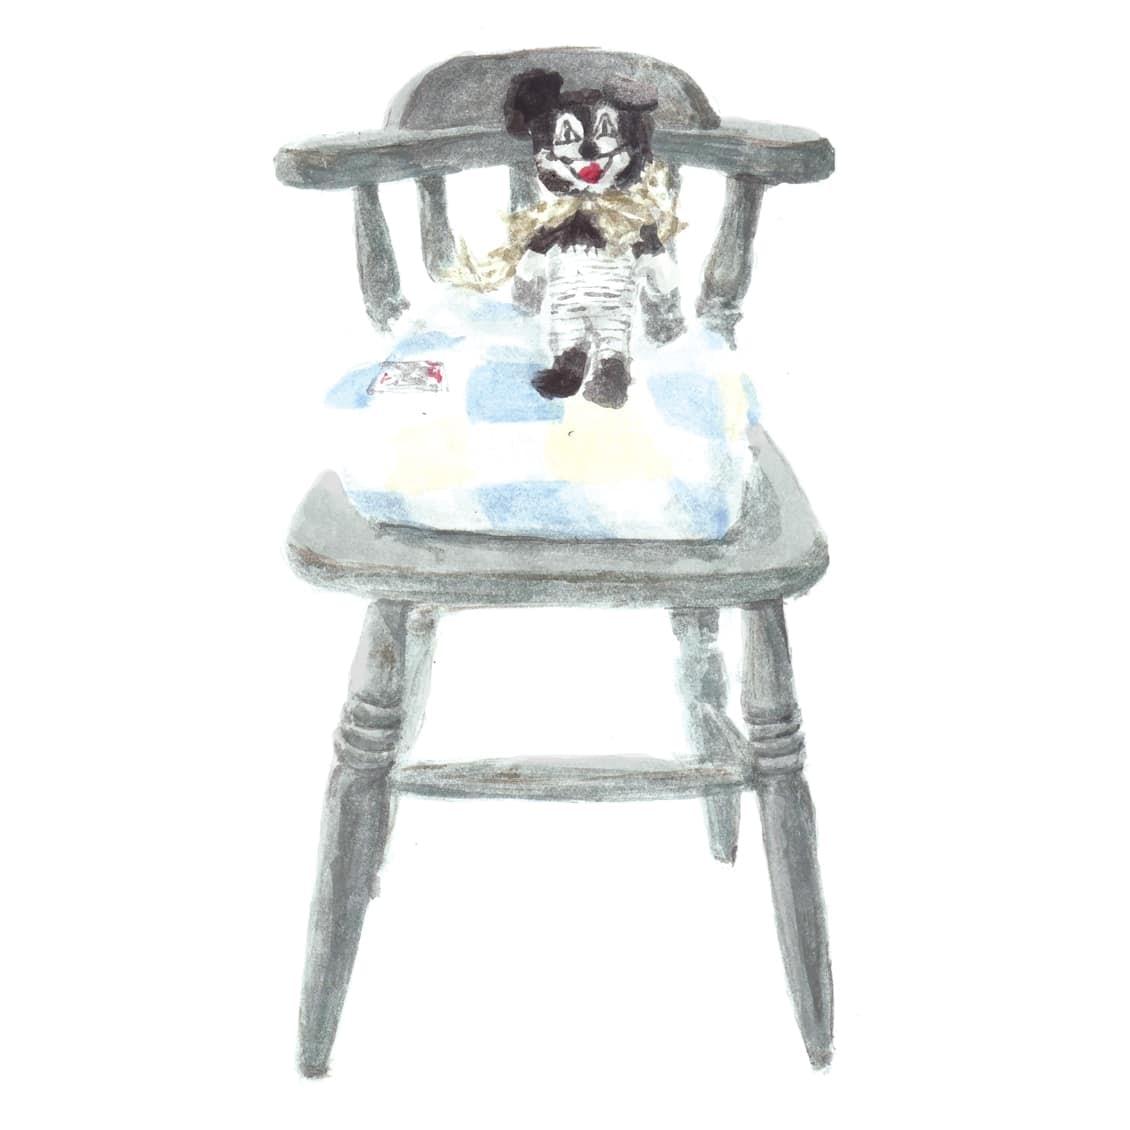 【あると、うれしい】20年ものの椅子に、IKEAの水性ペンキを塗ってみたら……